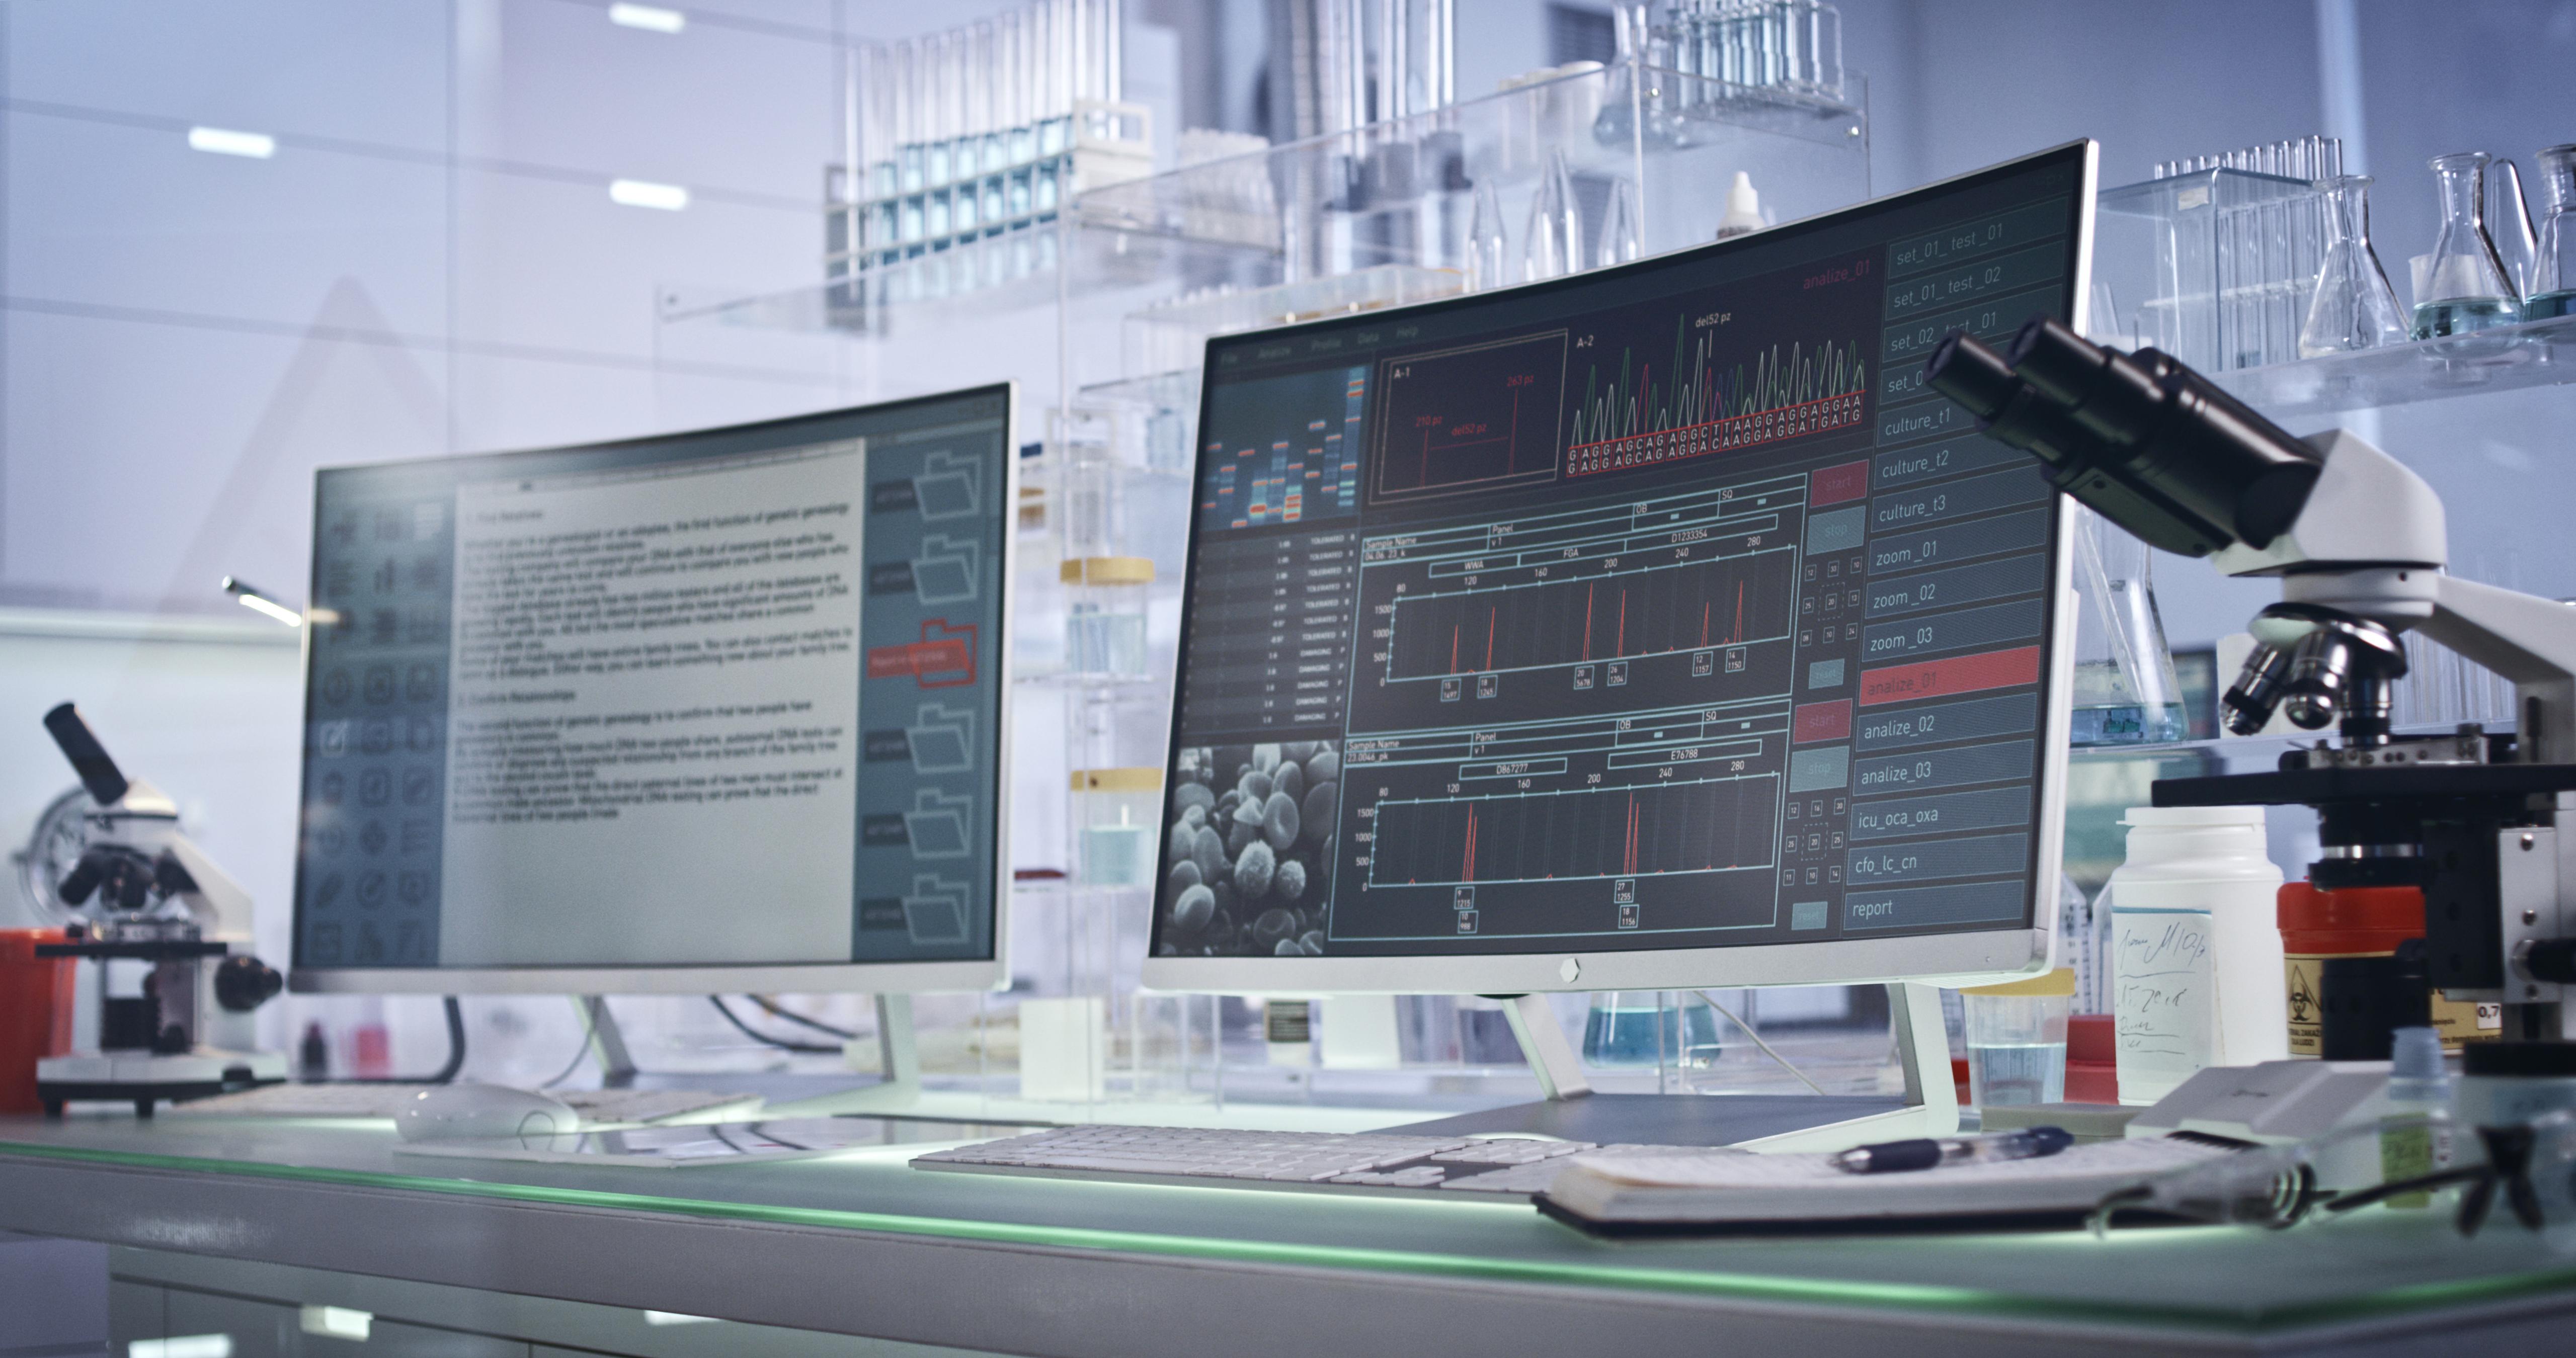 LabVantage ไว้วางใจให้ดีเคเอสเอช DKSH นำระบบจัดเก็บและบริหารข้อมูลสำหรับห้องปฏิบัติการสู่ภูมิภาคเอเชียแปซิฟิก